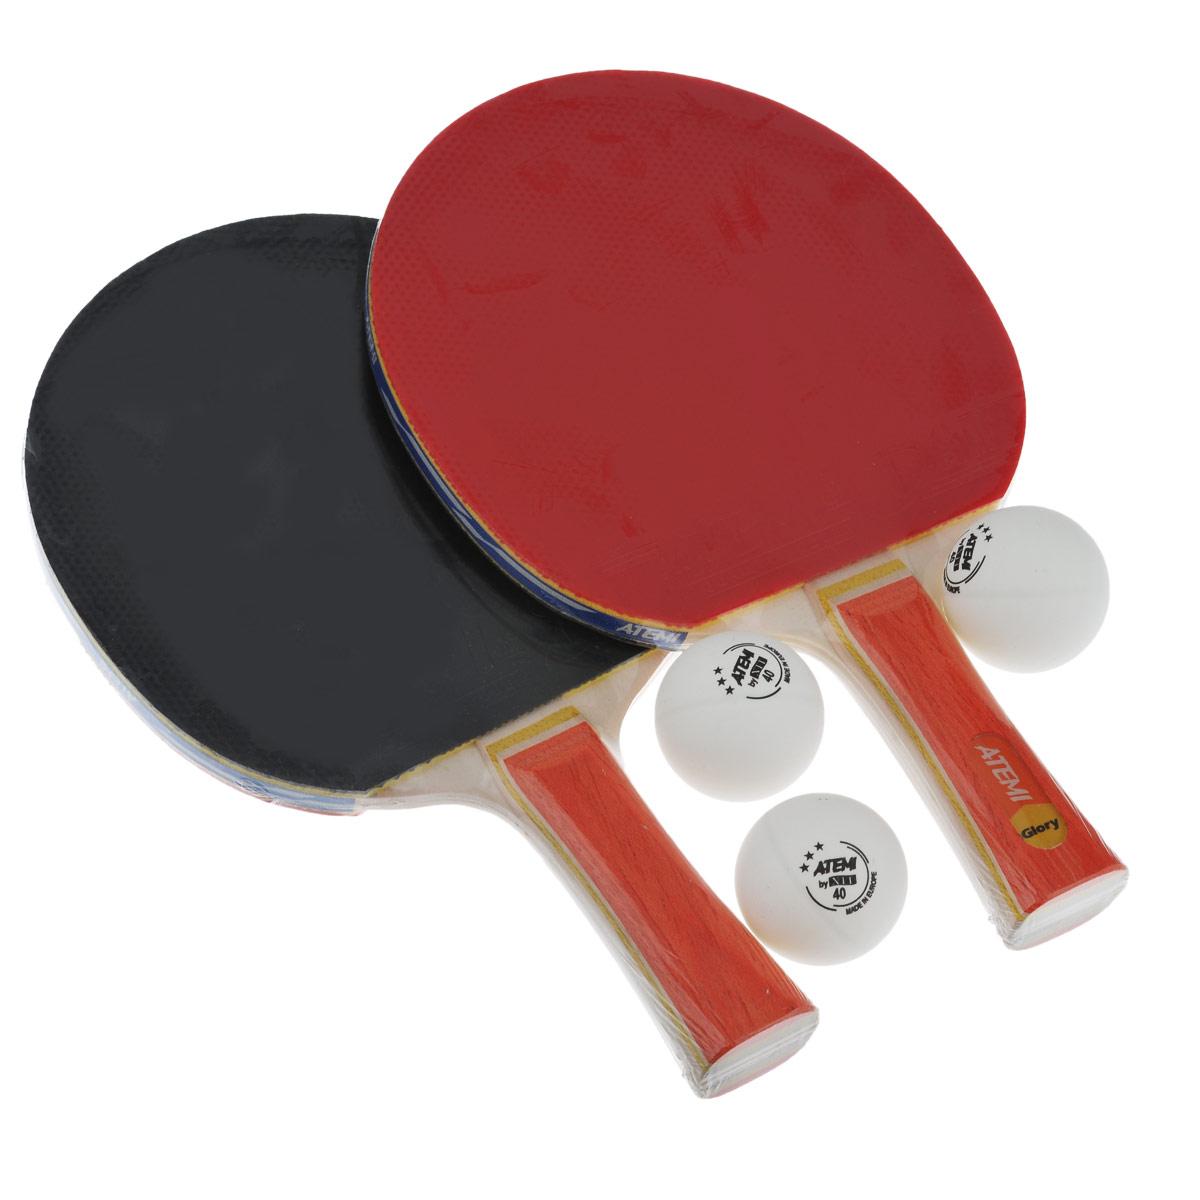 Набор для настольного тенниса Atemi Glory, 5 предметов89146Набор для настольного тенниса Atemi Glory включает в себя 2 ракетки и 3 белых мячика, предназначен для тренировок. Ракетки выполнены из пятислойной фанеры и оснащены накладками из резины толщиной 1,8 мм. Анатомическая рукоятка эргономичной формы специально разработана для надежного хвата и комфортной игры. Хороший контроль, отличные игровые характеристики, высокая скорость игры. Настольный теннис - спортивная игра, основанная на перекидывании мяча ракетками через игровой стол с сеткой, цель которой - не дать противнику отбить мяч. Игра в настольный теннис развивает концентрацию, внимание, ловкость и координацию. Длина ракетки: 25 см. Диаметр шара: 4 см.